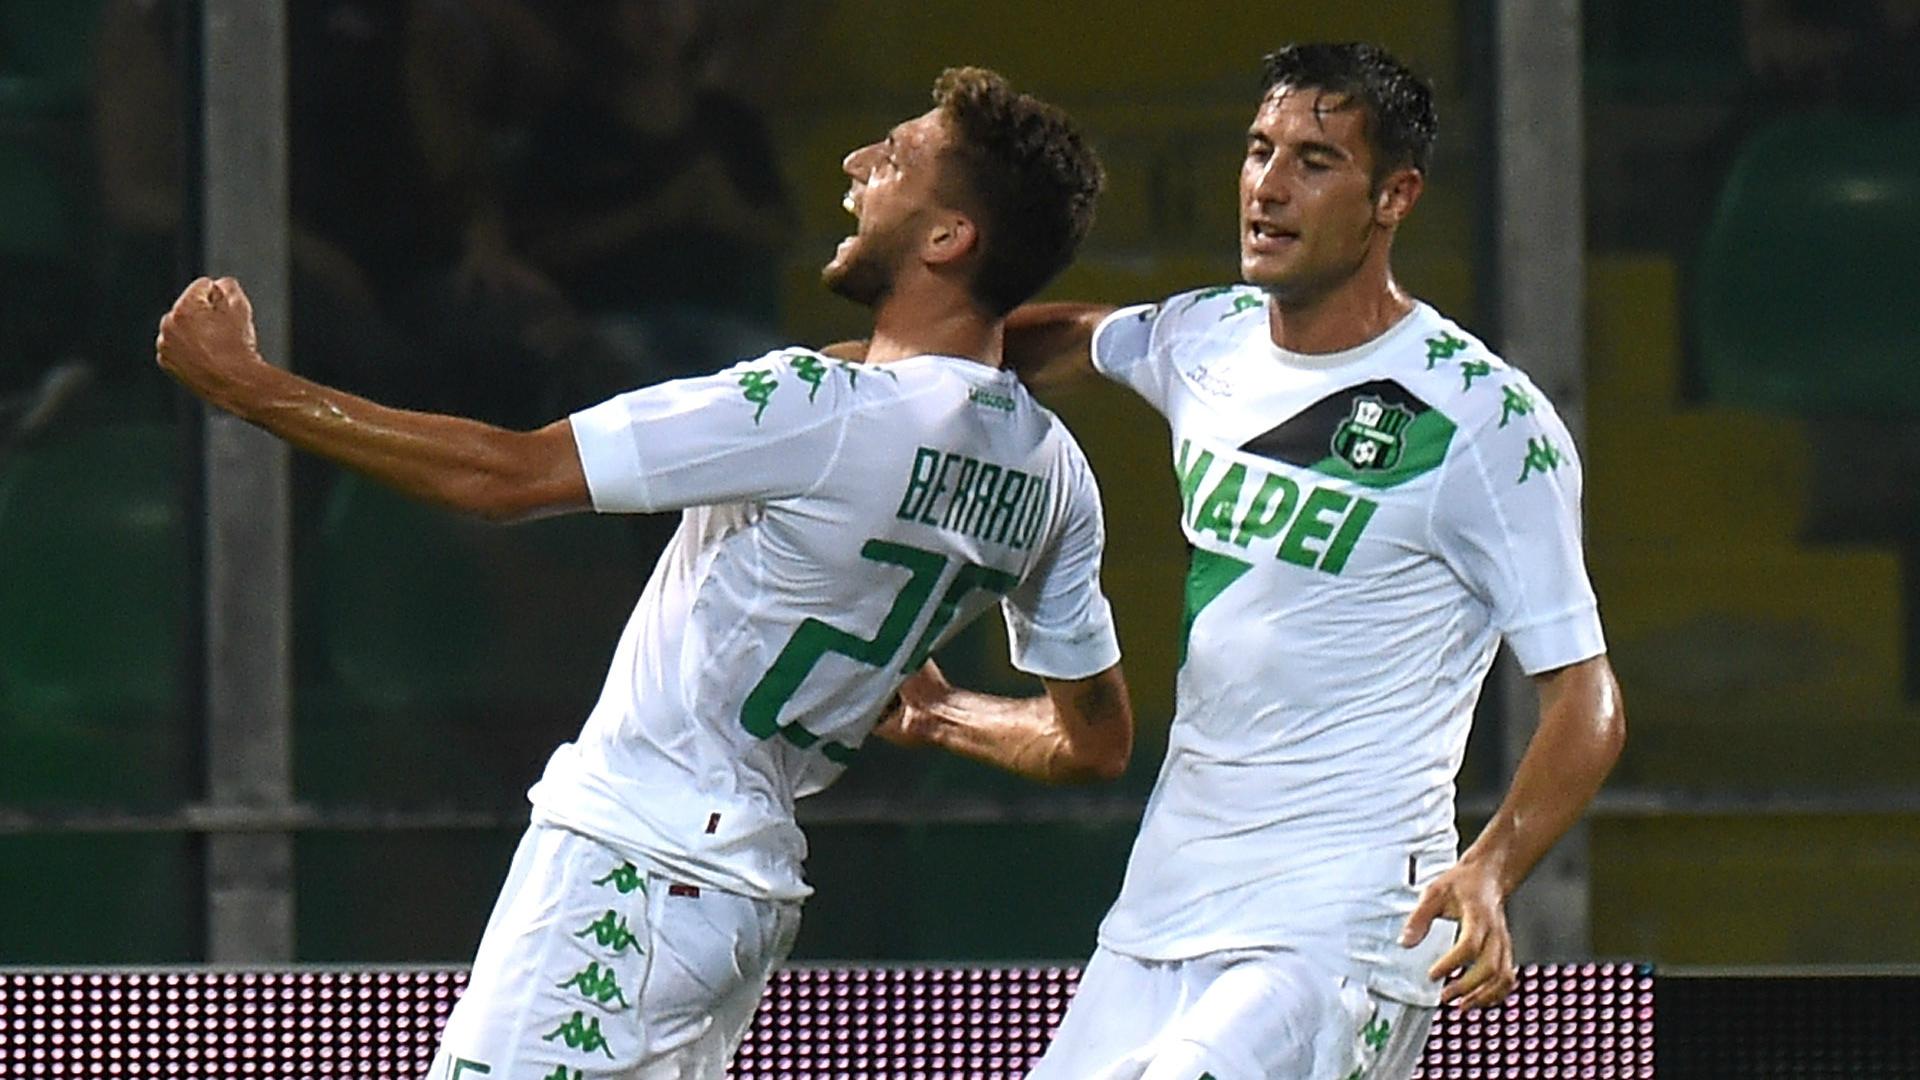 Palermo-Sassuolo 0-1, le pagelle: Balogh da incubo, Berardi e Sensi ok